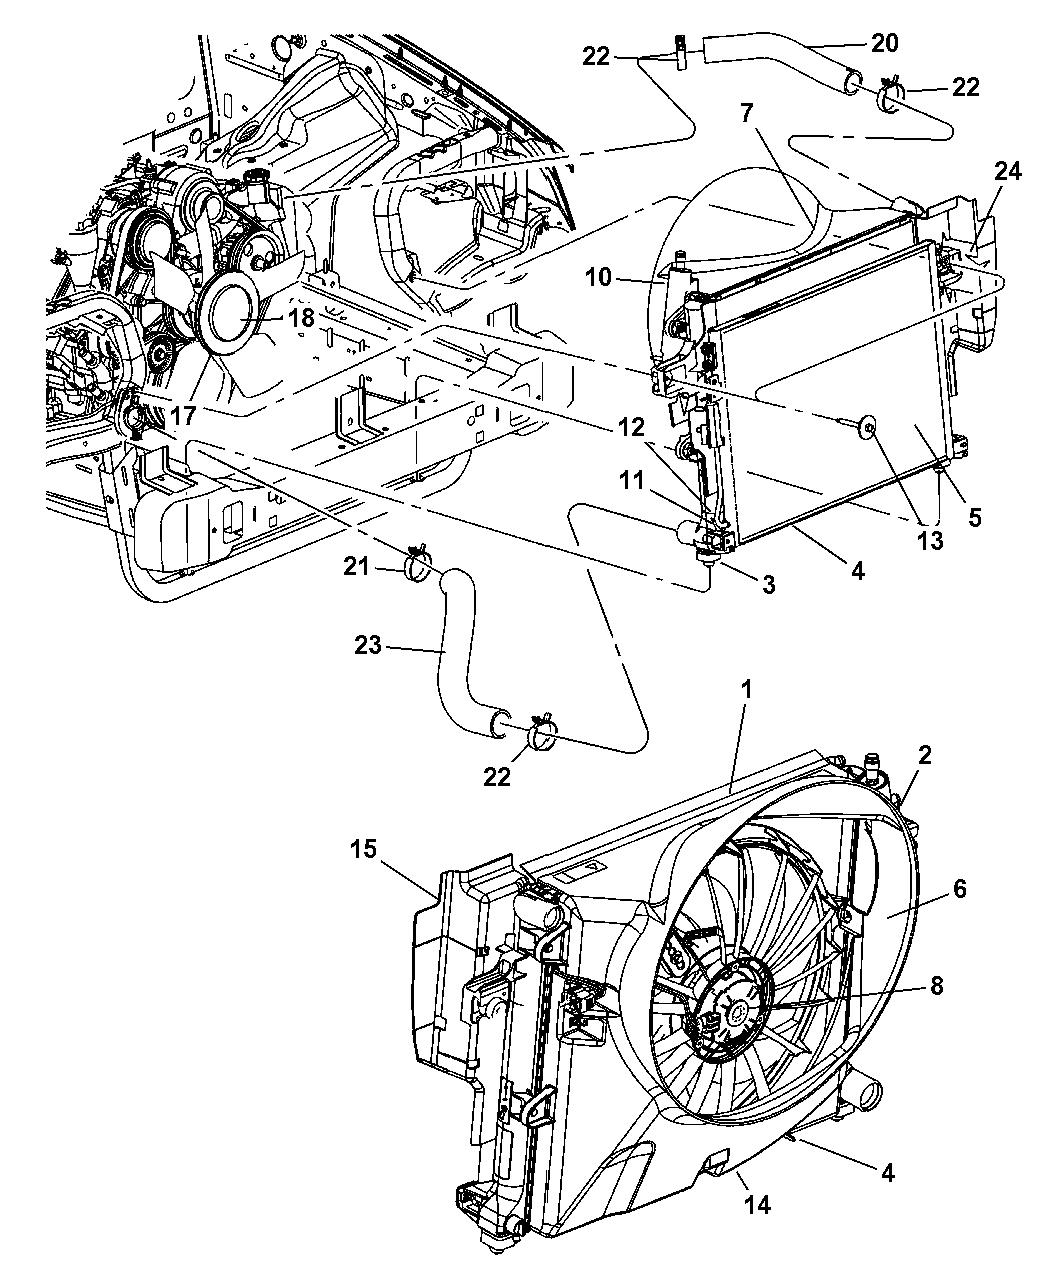 2006 Acura Tl Fuse Box. Acura. Auto Fuse Box Diagram